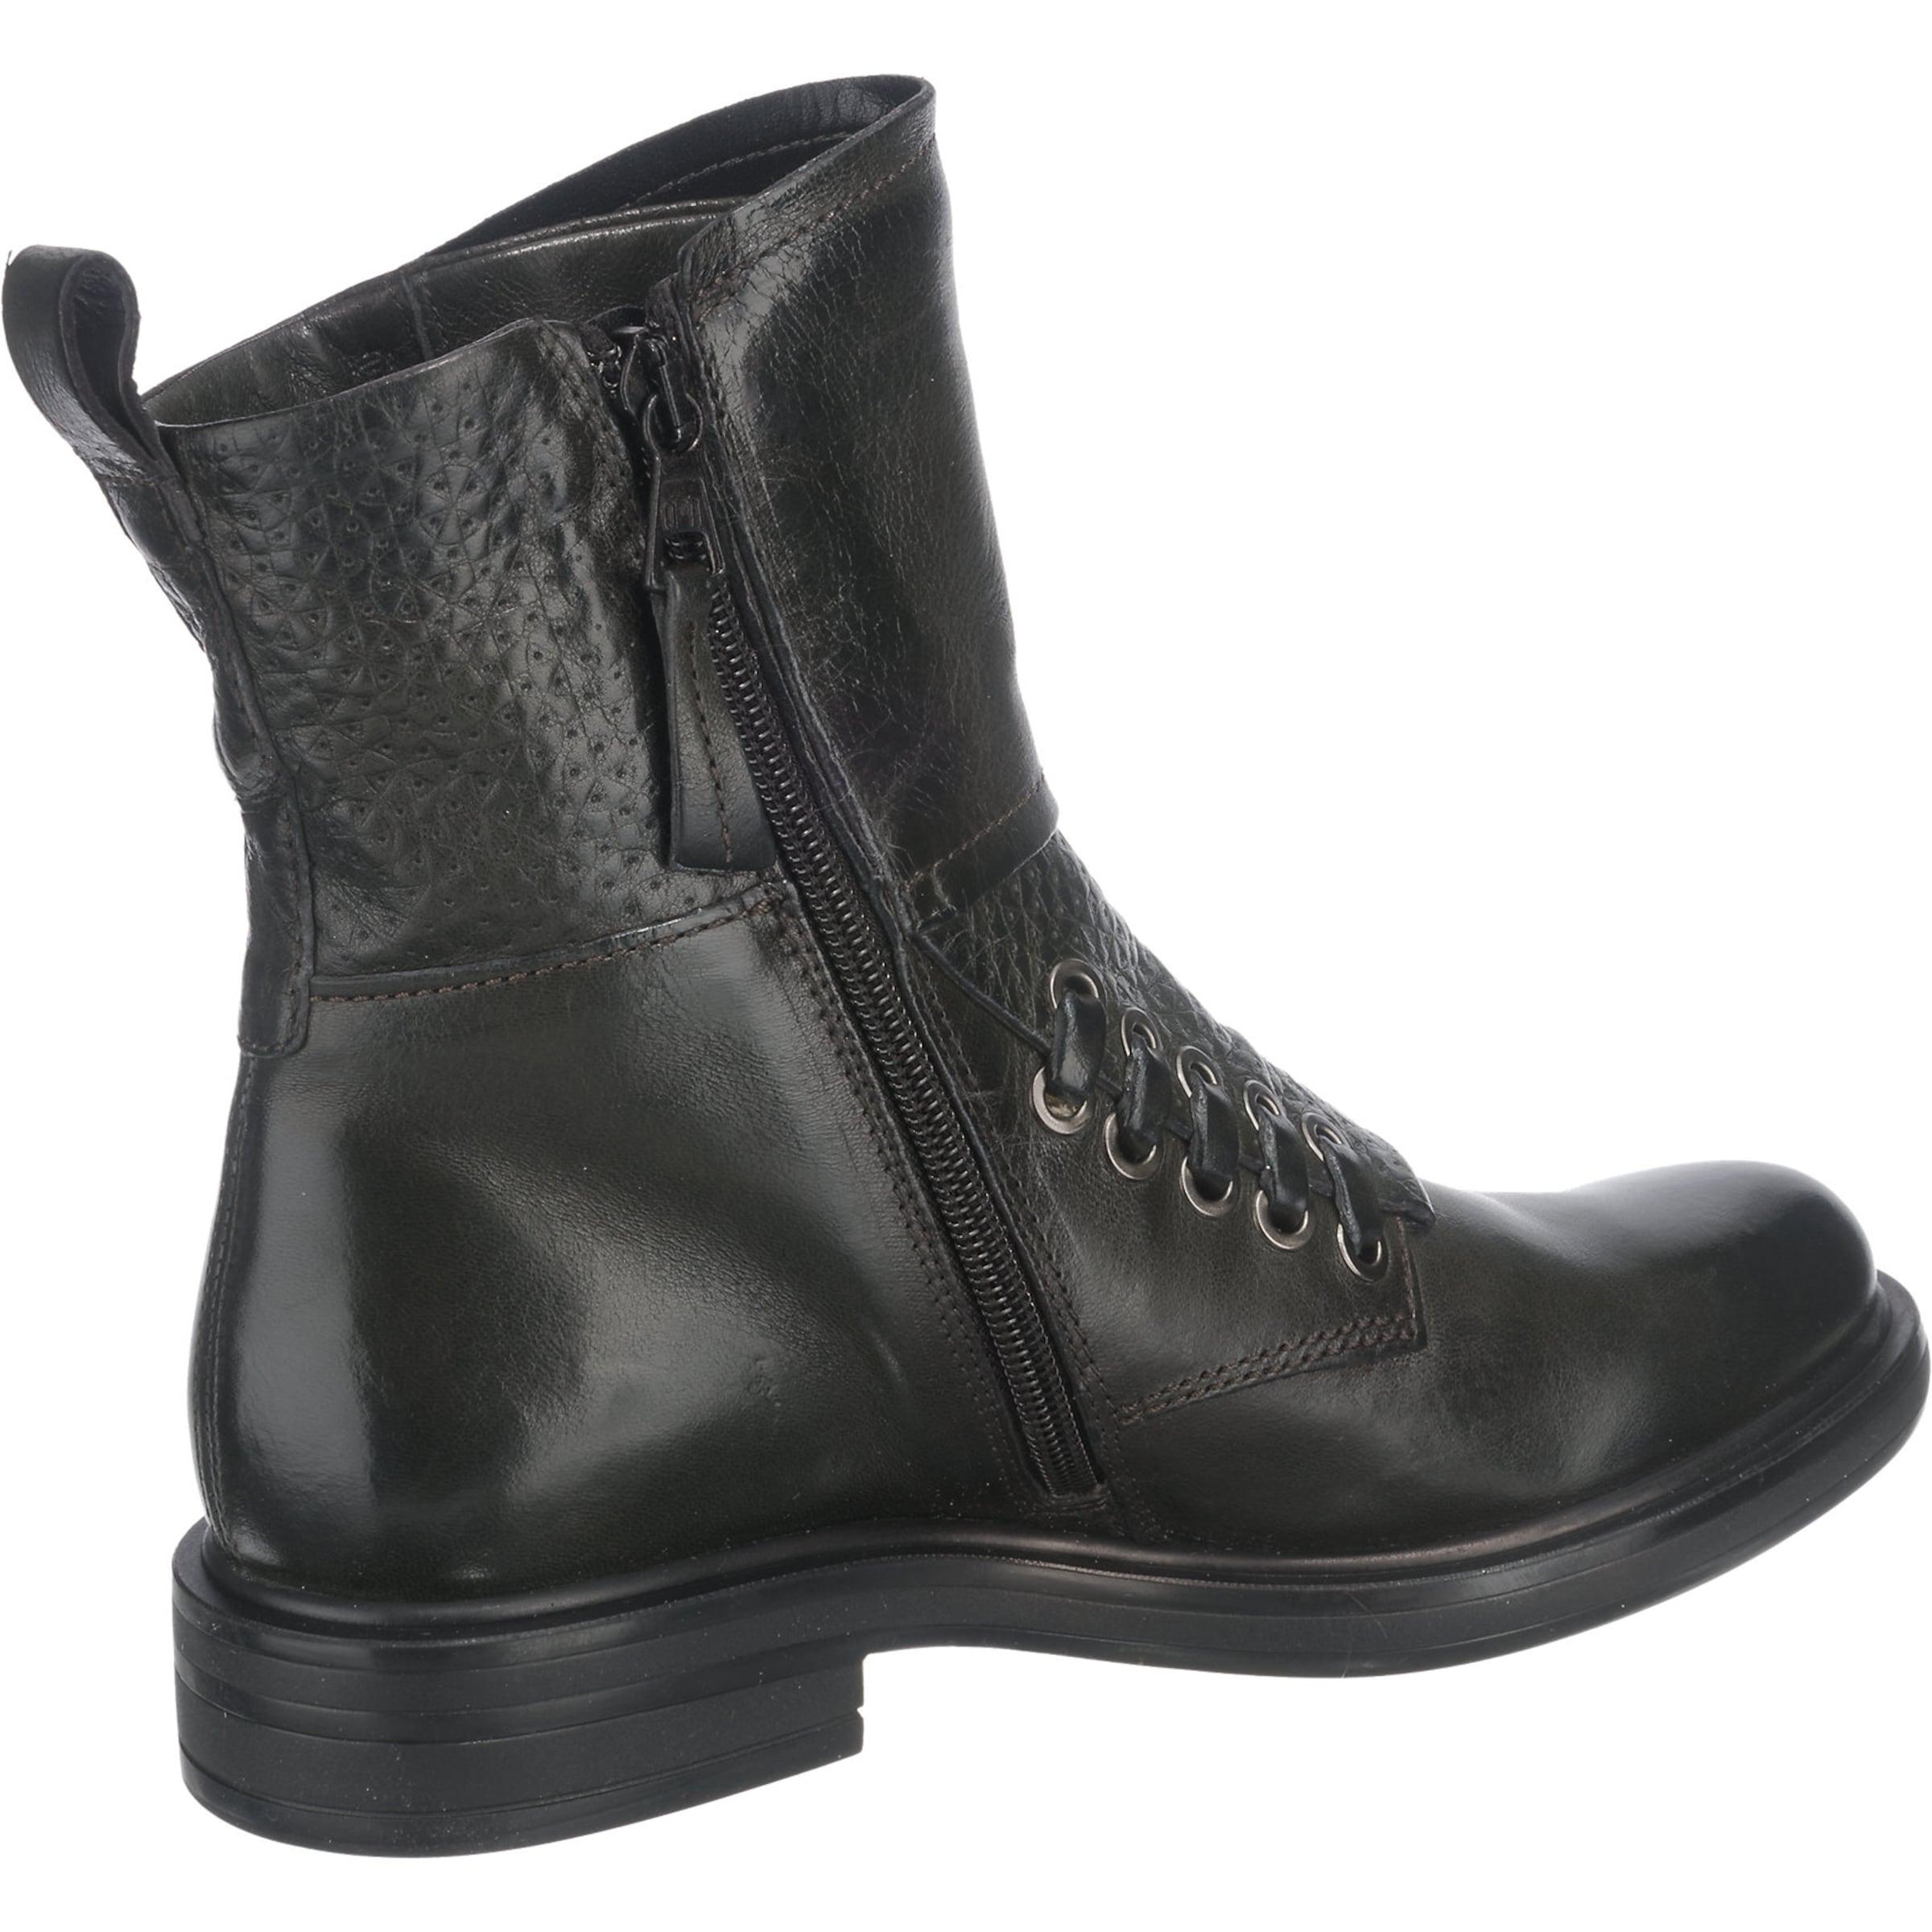 Günstige Top-Qualität Verkauf Besten Verkaufs MJUS Stiefeletten Viele Arten Von Online-Verkauf Kosten Online wmzdfn448